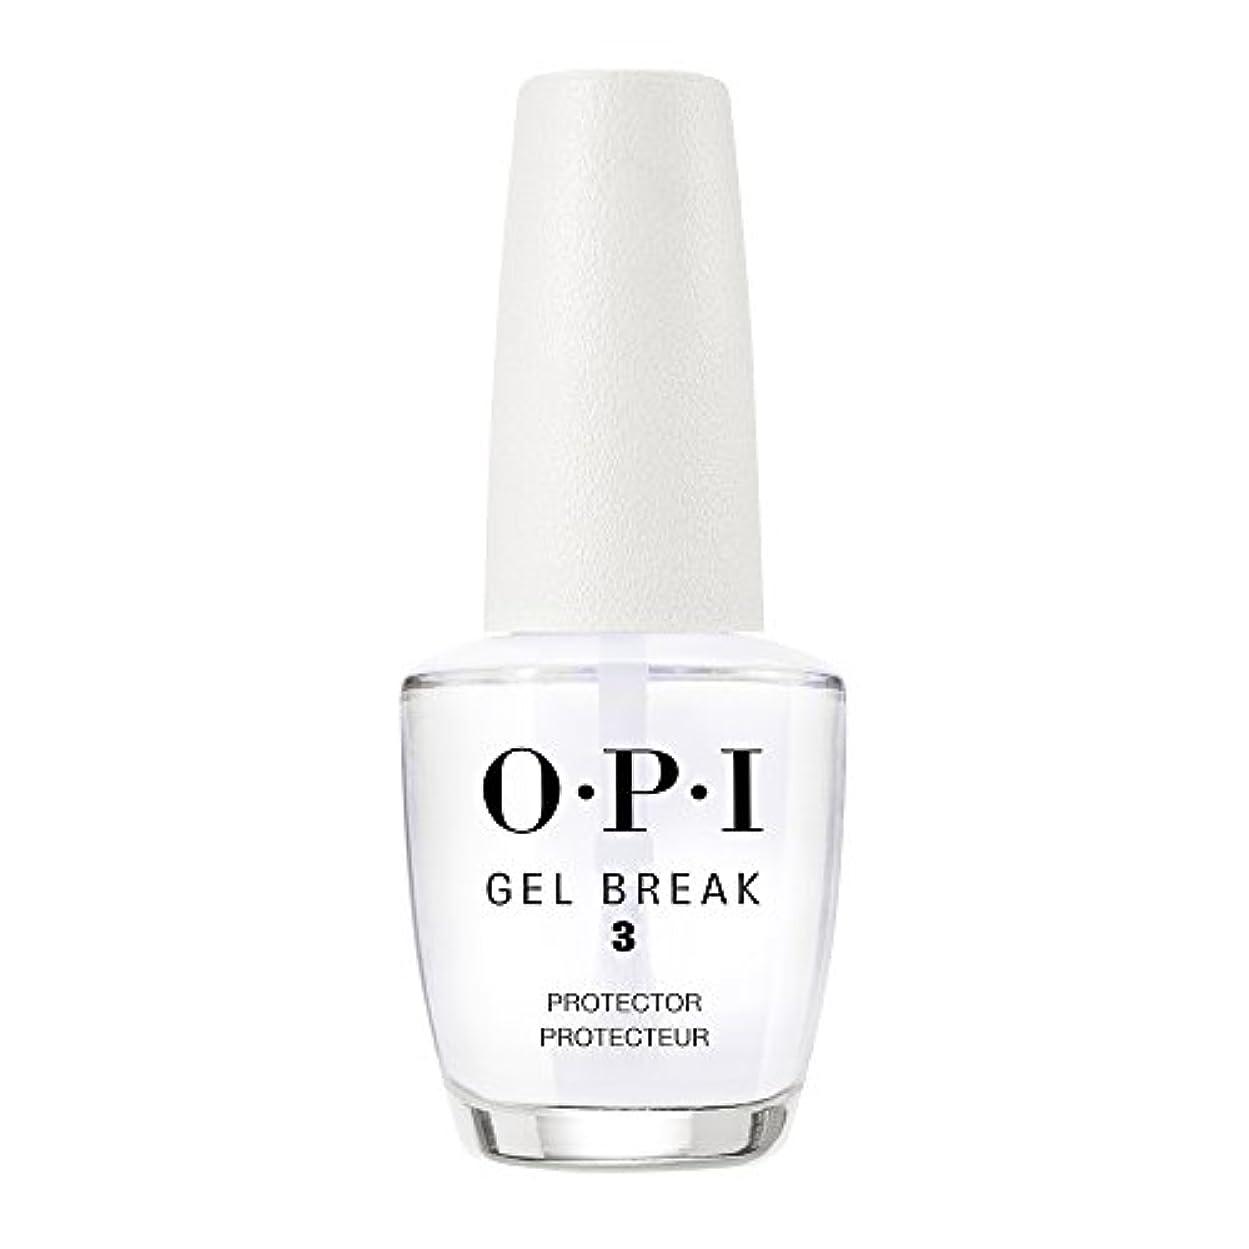 清める粒雰囲気OPI(オーピーアイ) ジェルブレイク プロテクター トップコート